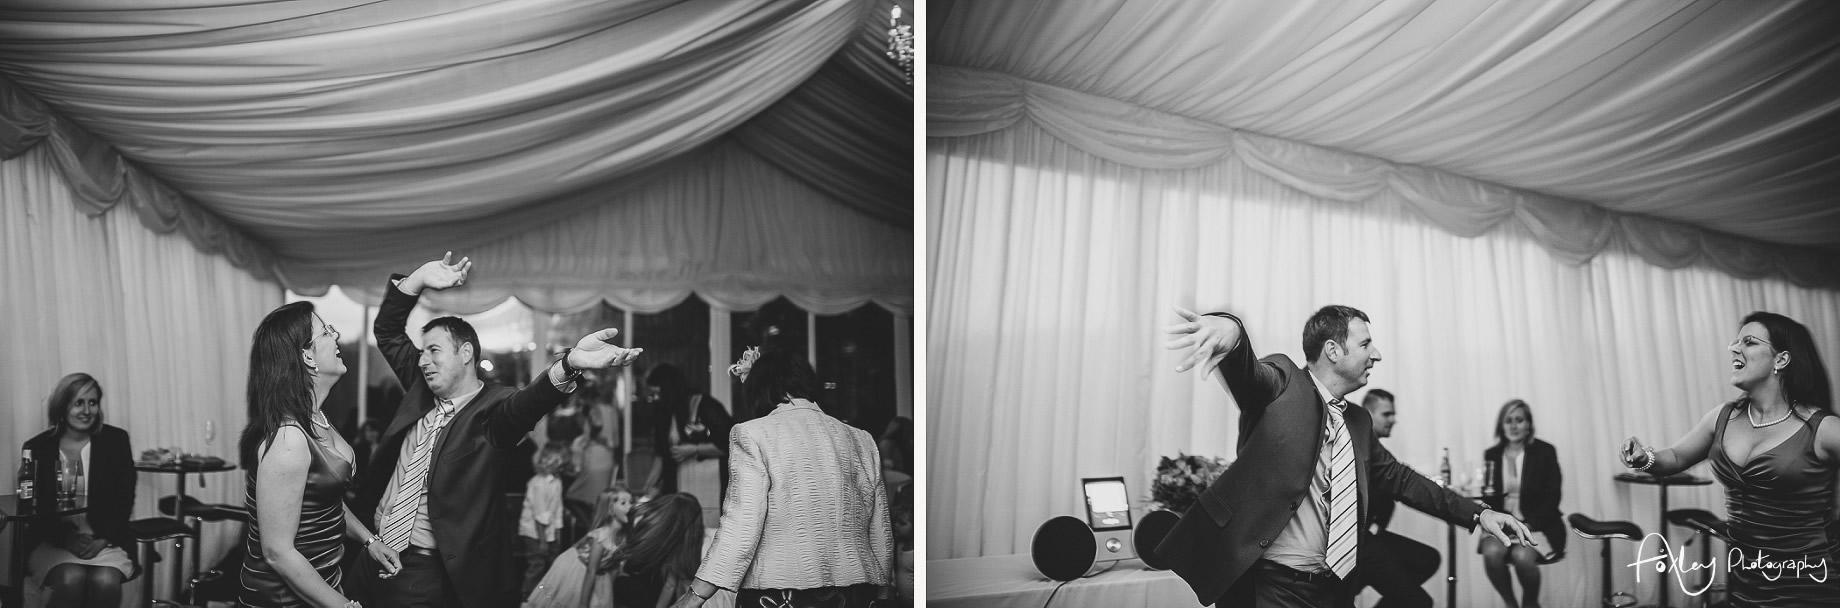 Simona-and-Robert-Wedding-at-Colshaw-Hall-161